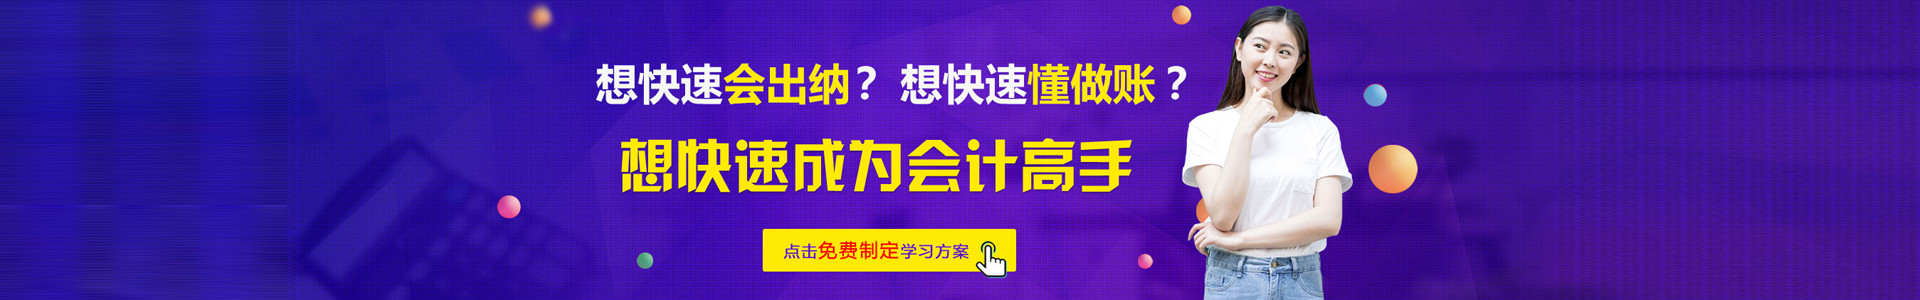 浙江会计教练培训机构